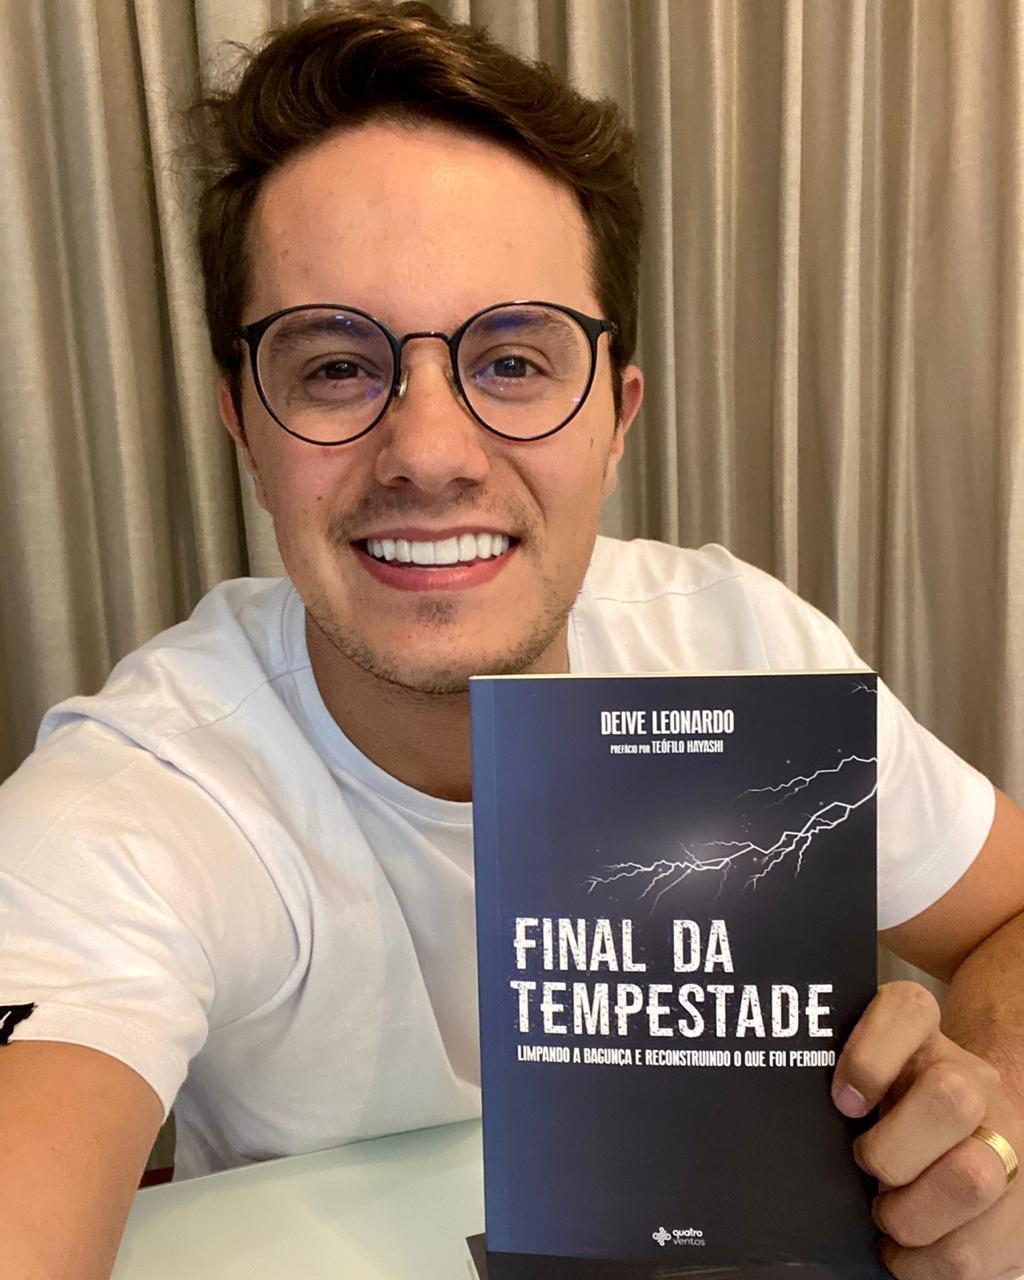 Deive Leonardo lança livro Final da Tempestade inspirado em série de vídeos